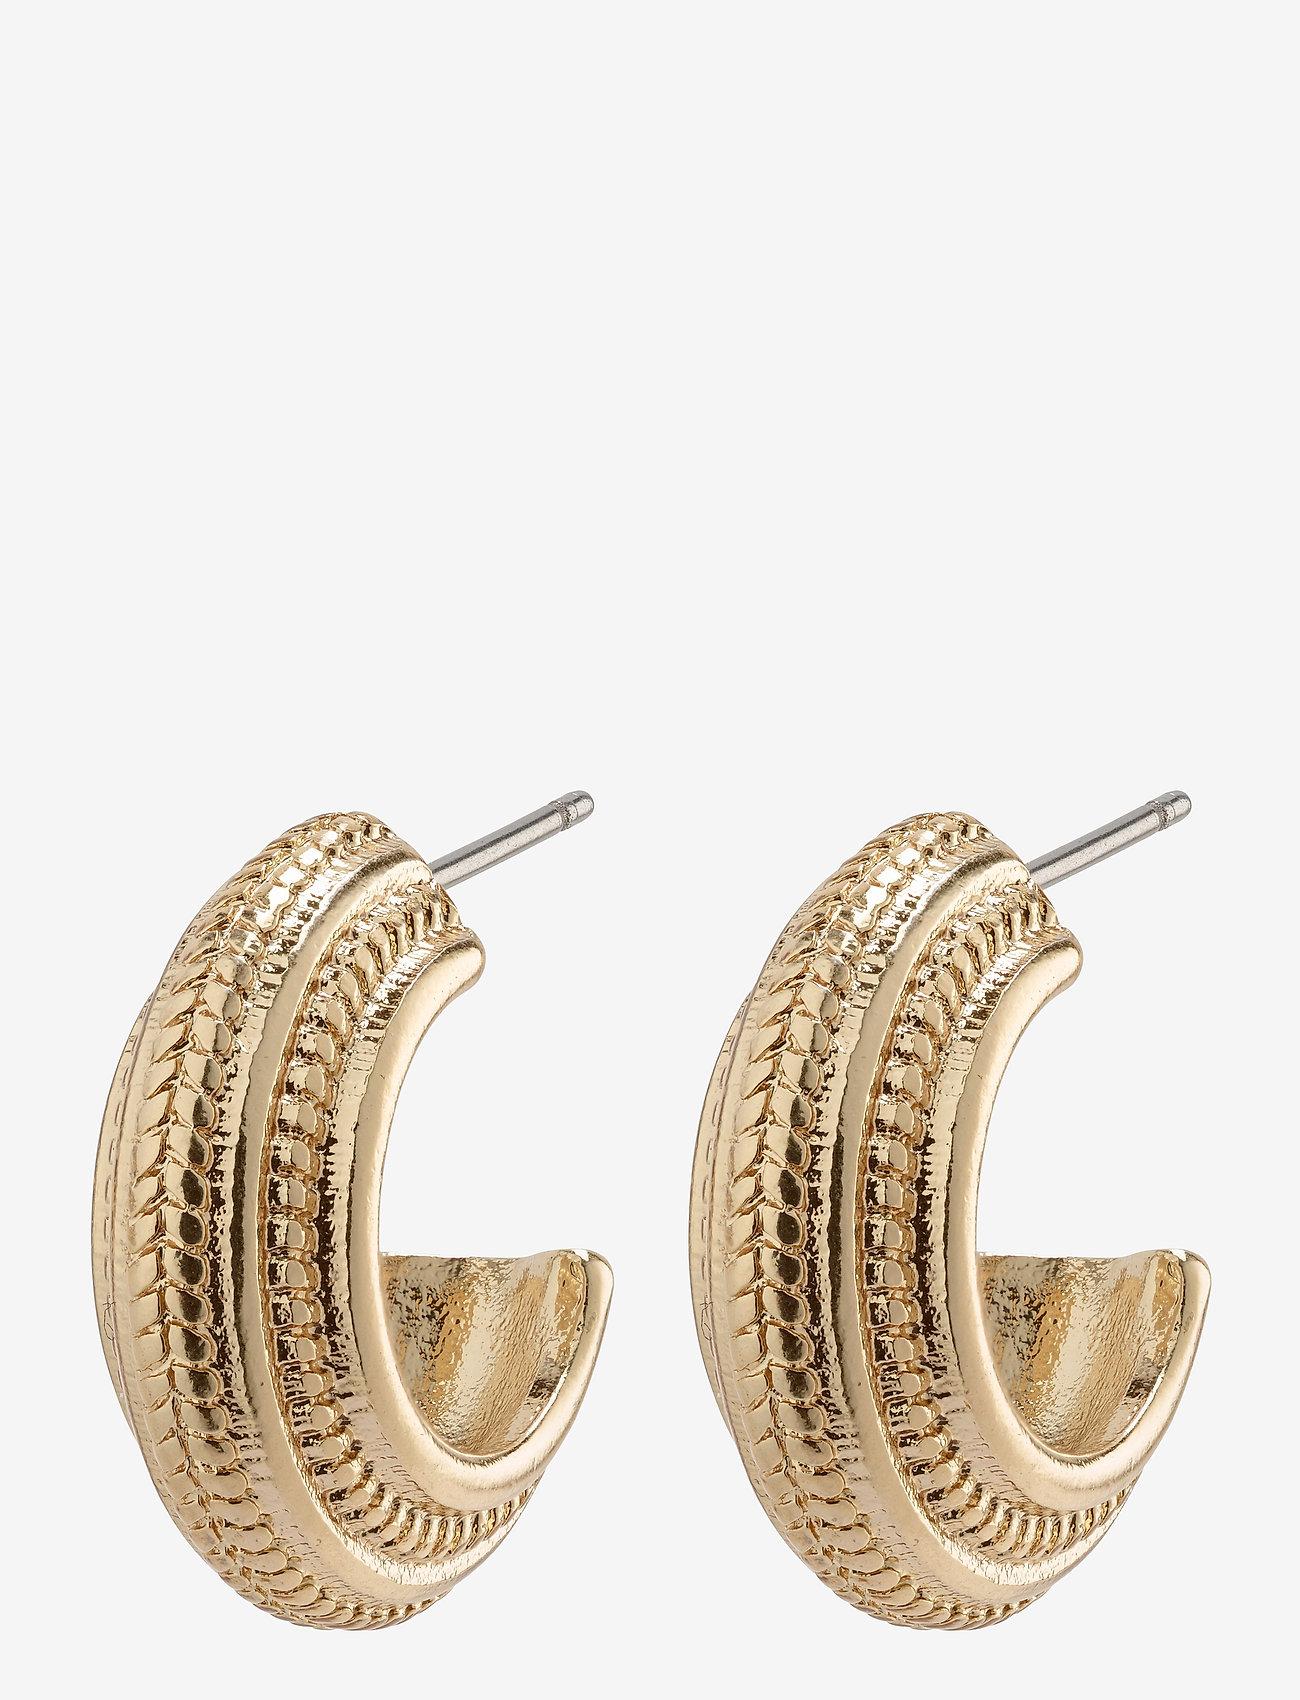 Pilgrim Macie - Biżuteria GOLD PLATED - Akcesoria